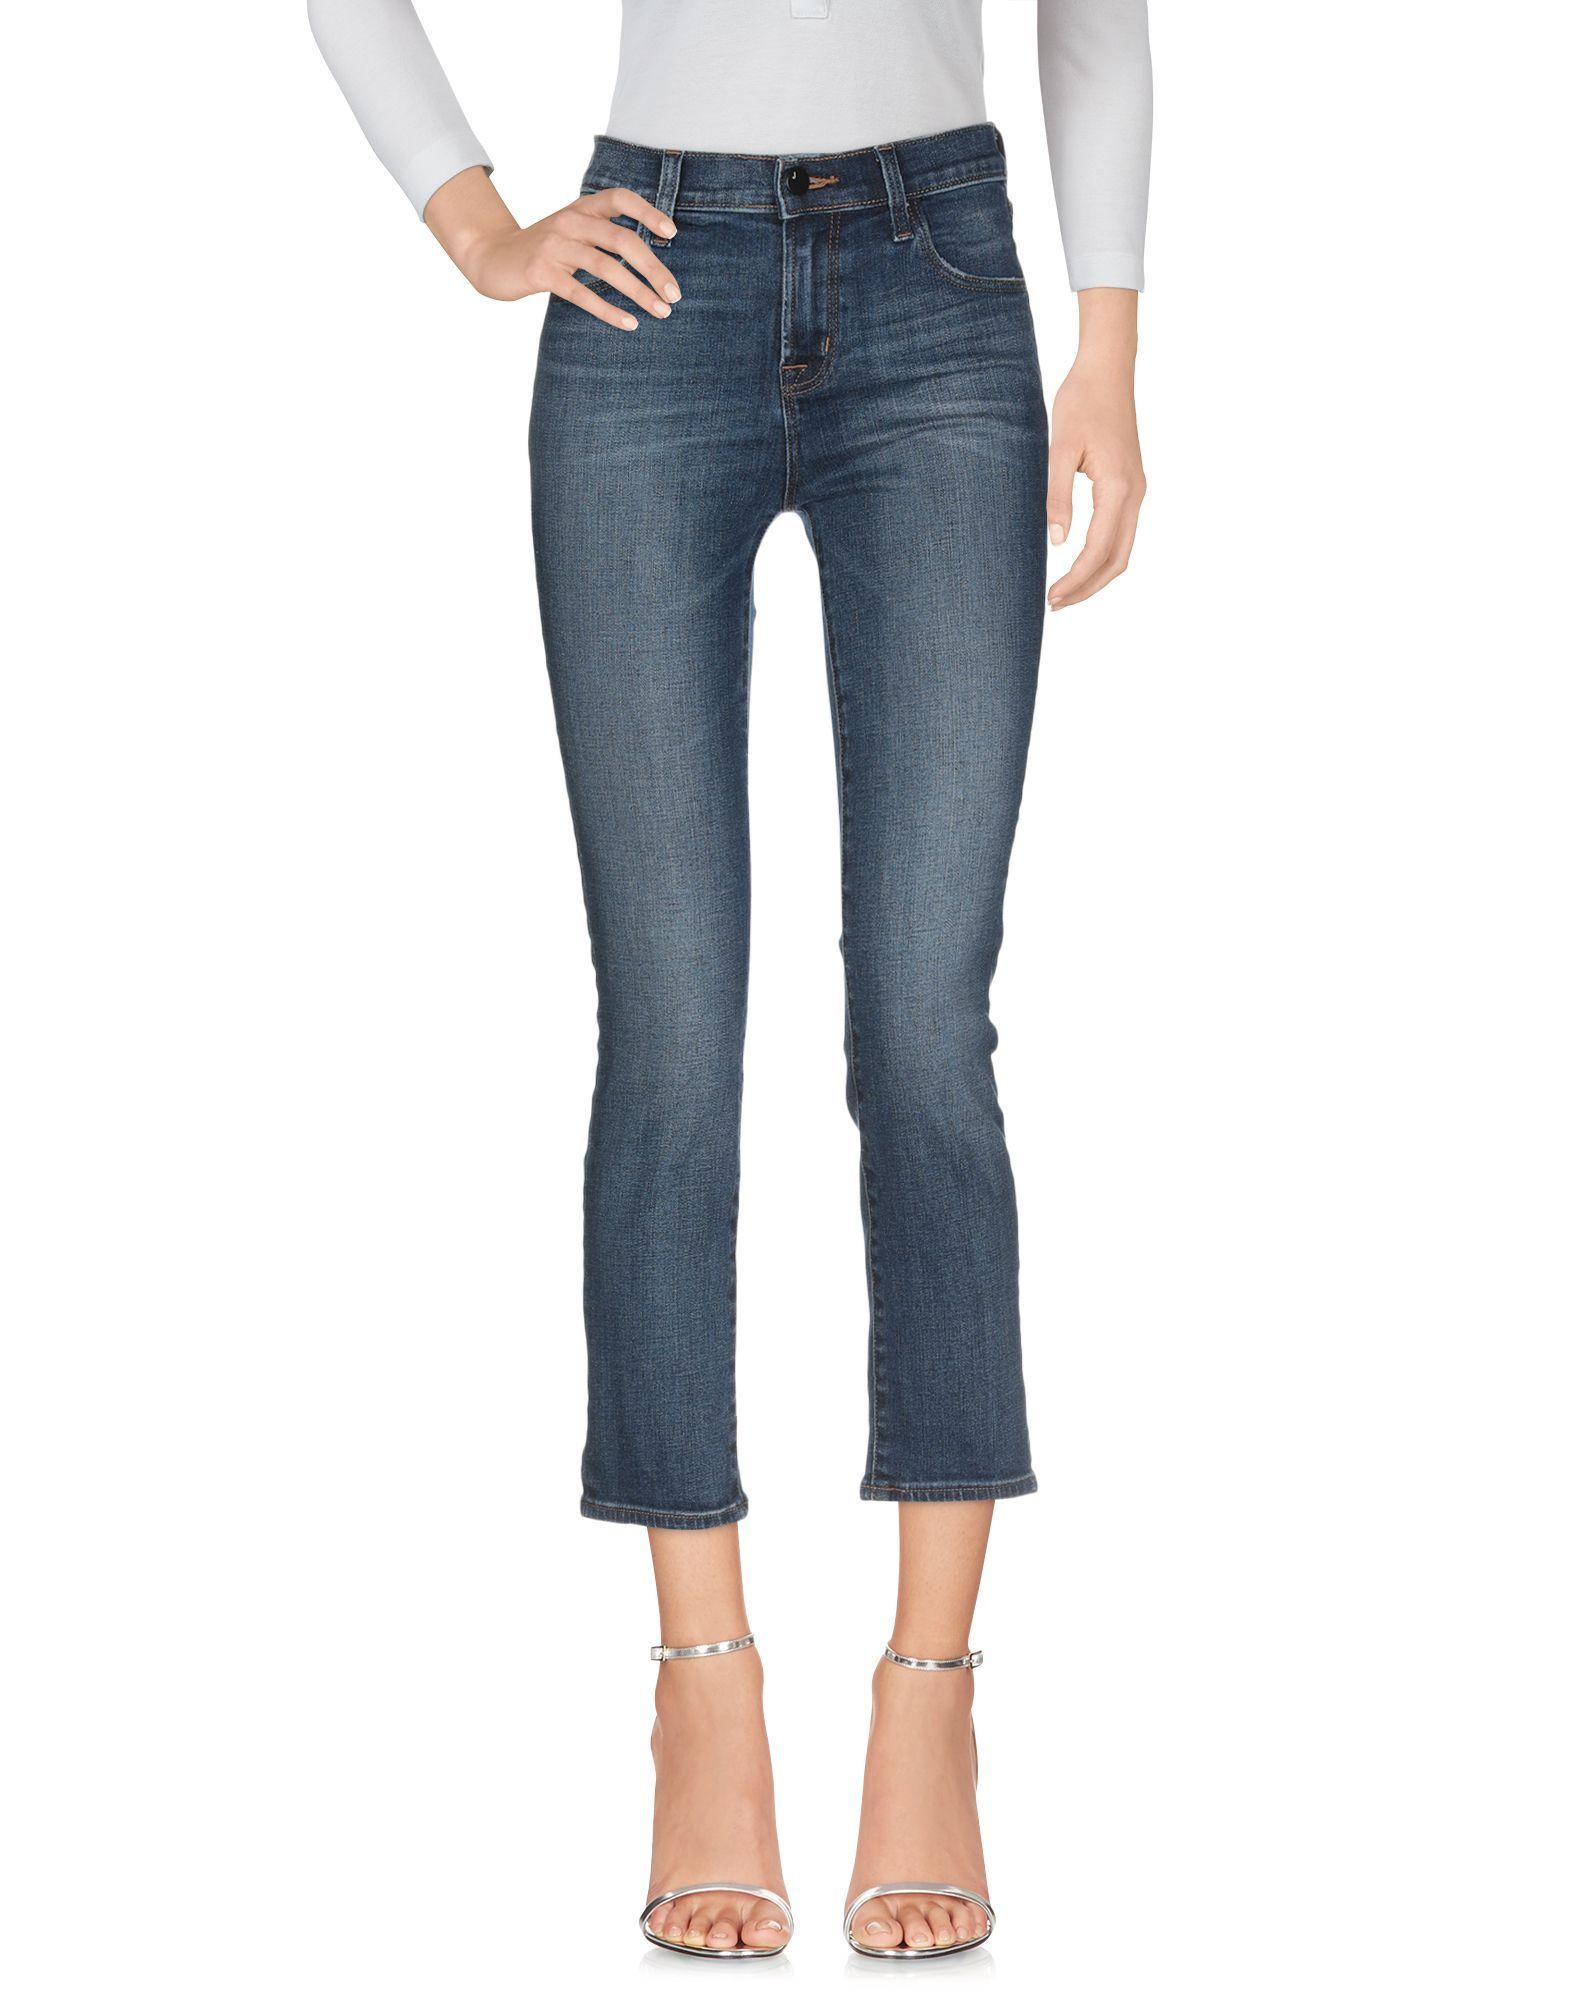 J Brand Blue Cotton Jeans